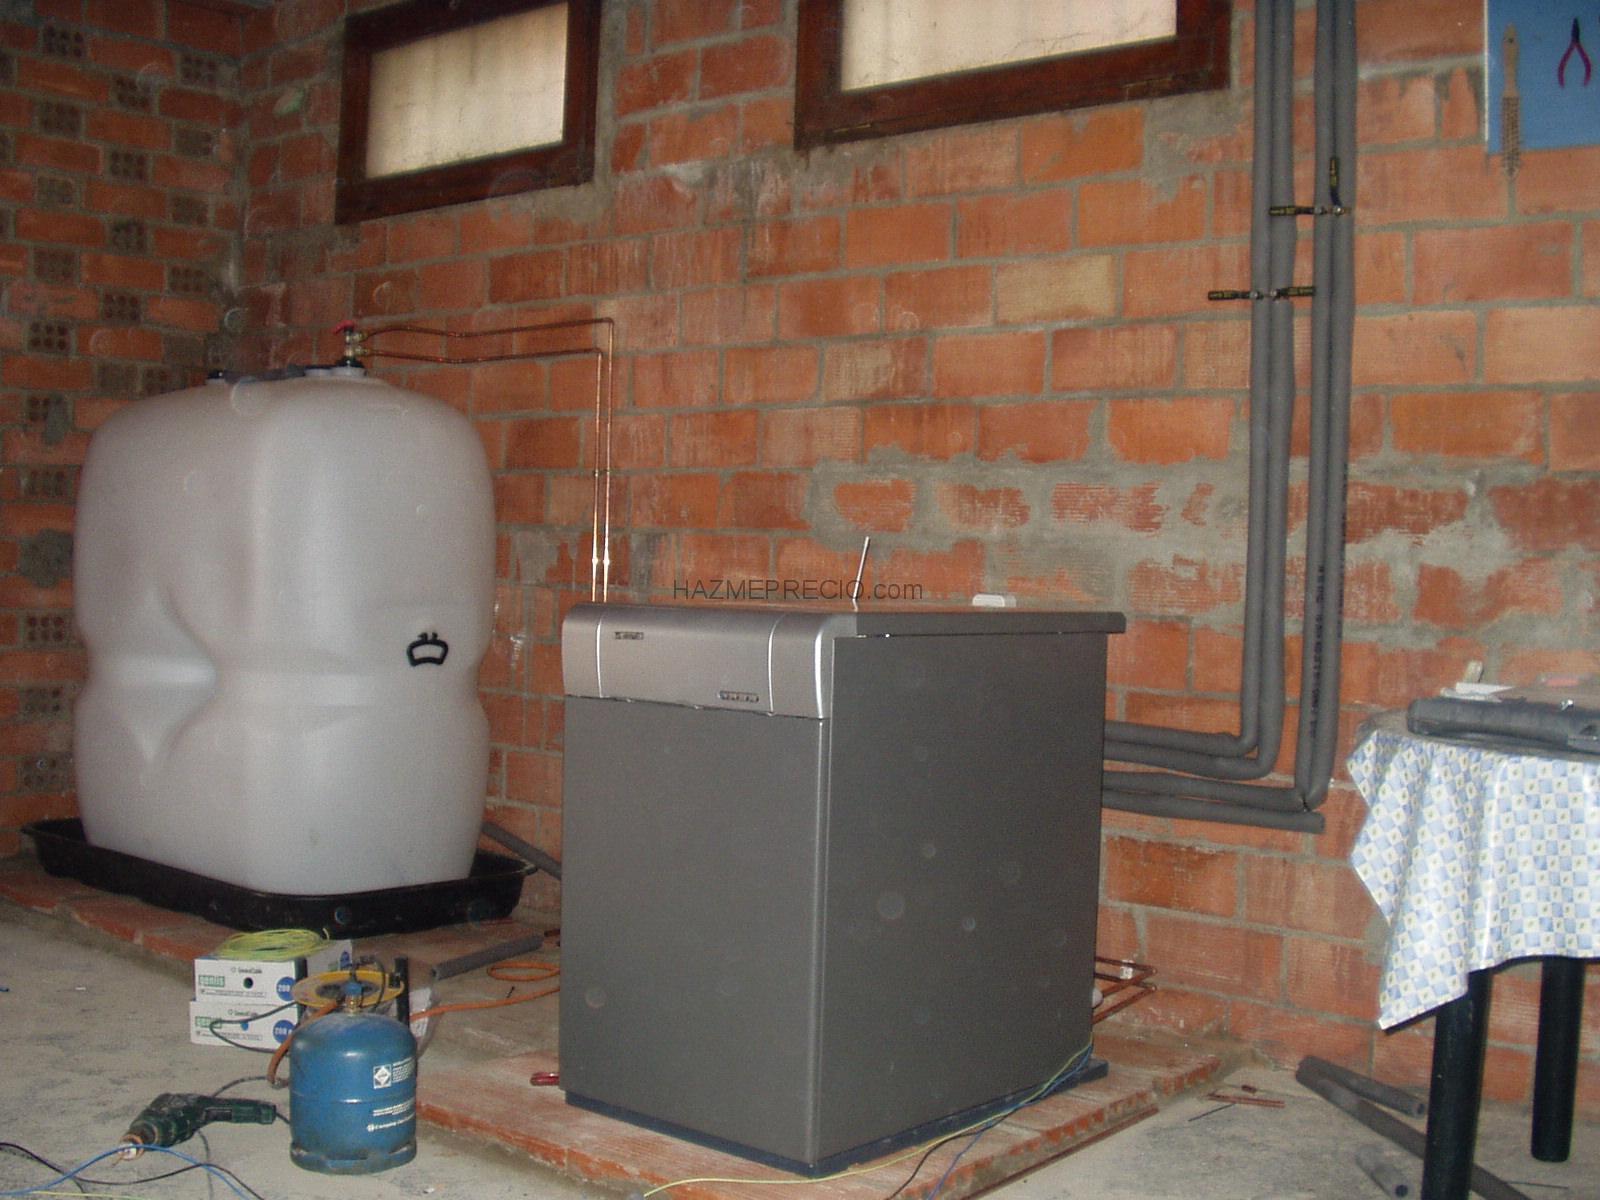 Presupuesto para reparar o cambiar caldera mixta estanca - Caldera de gasoil ...